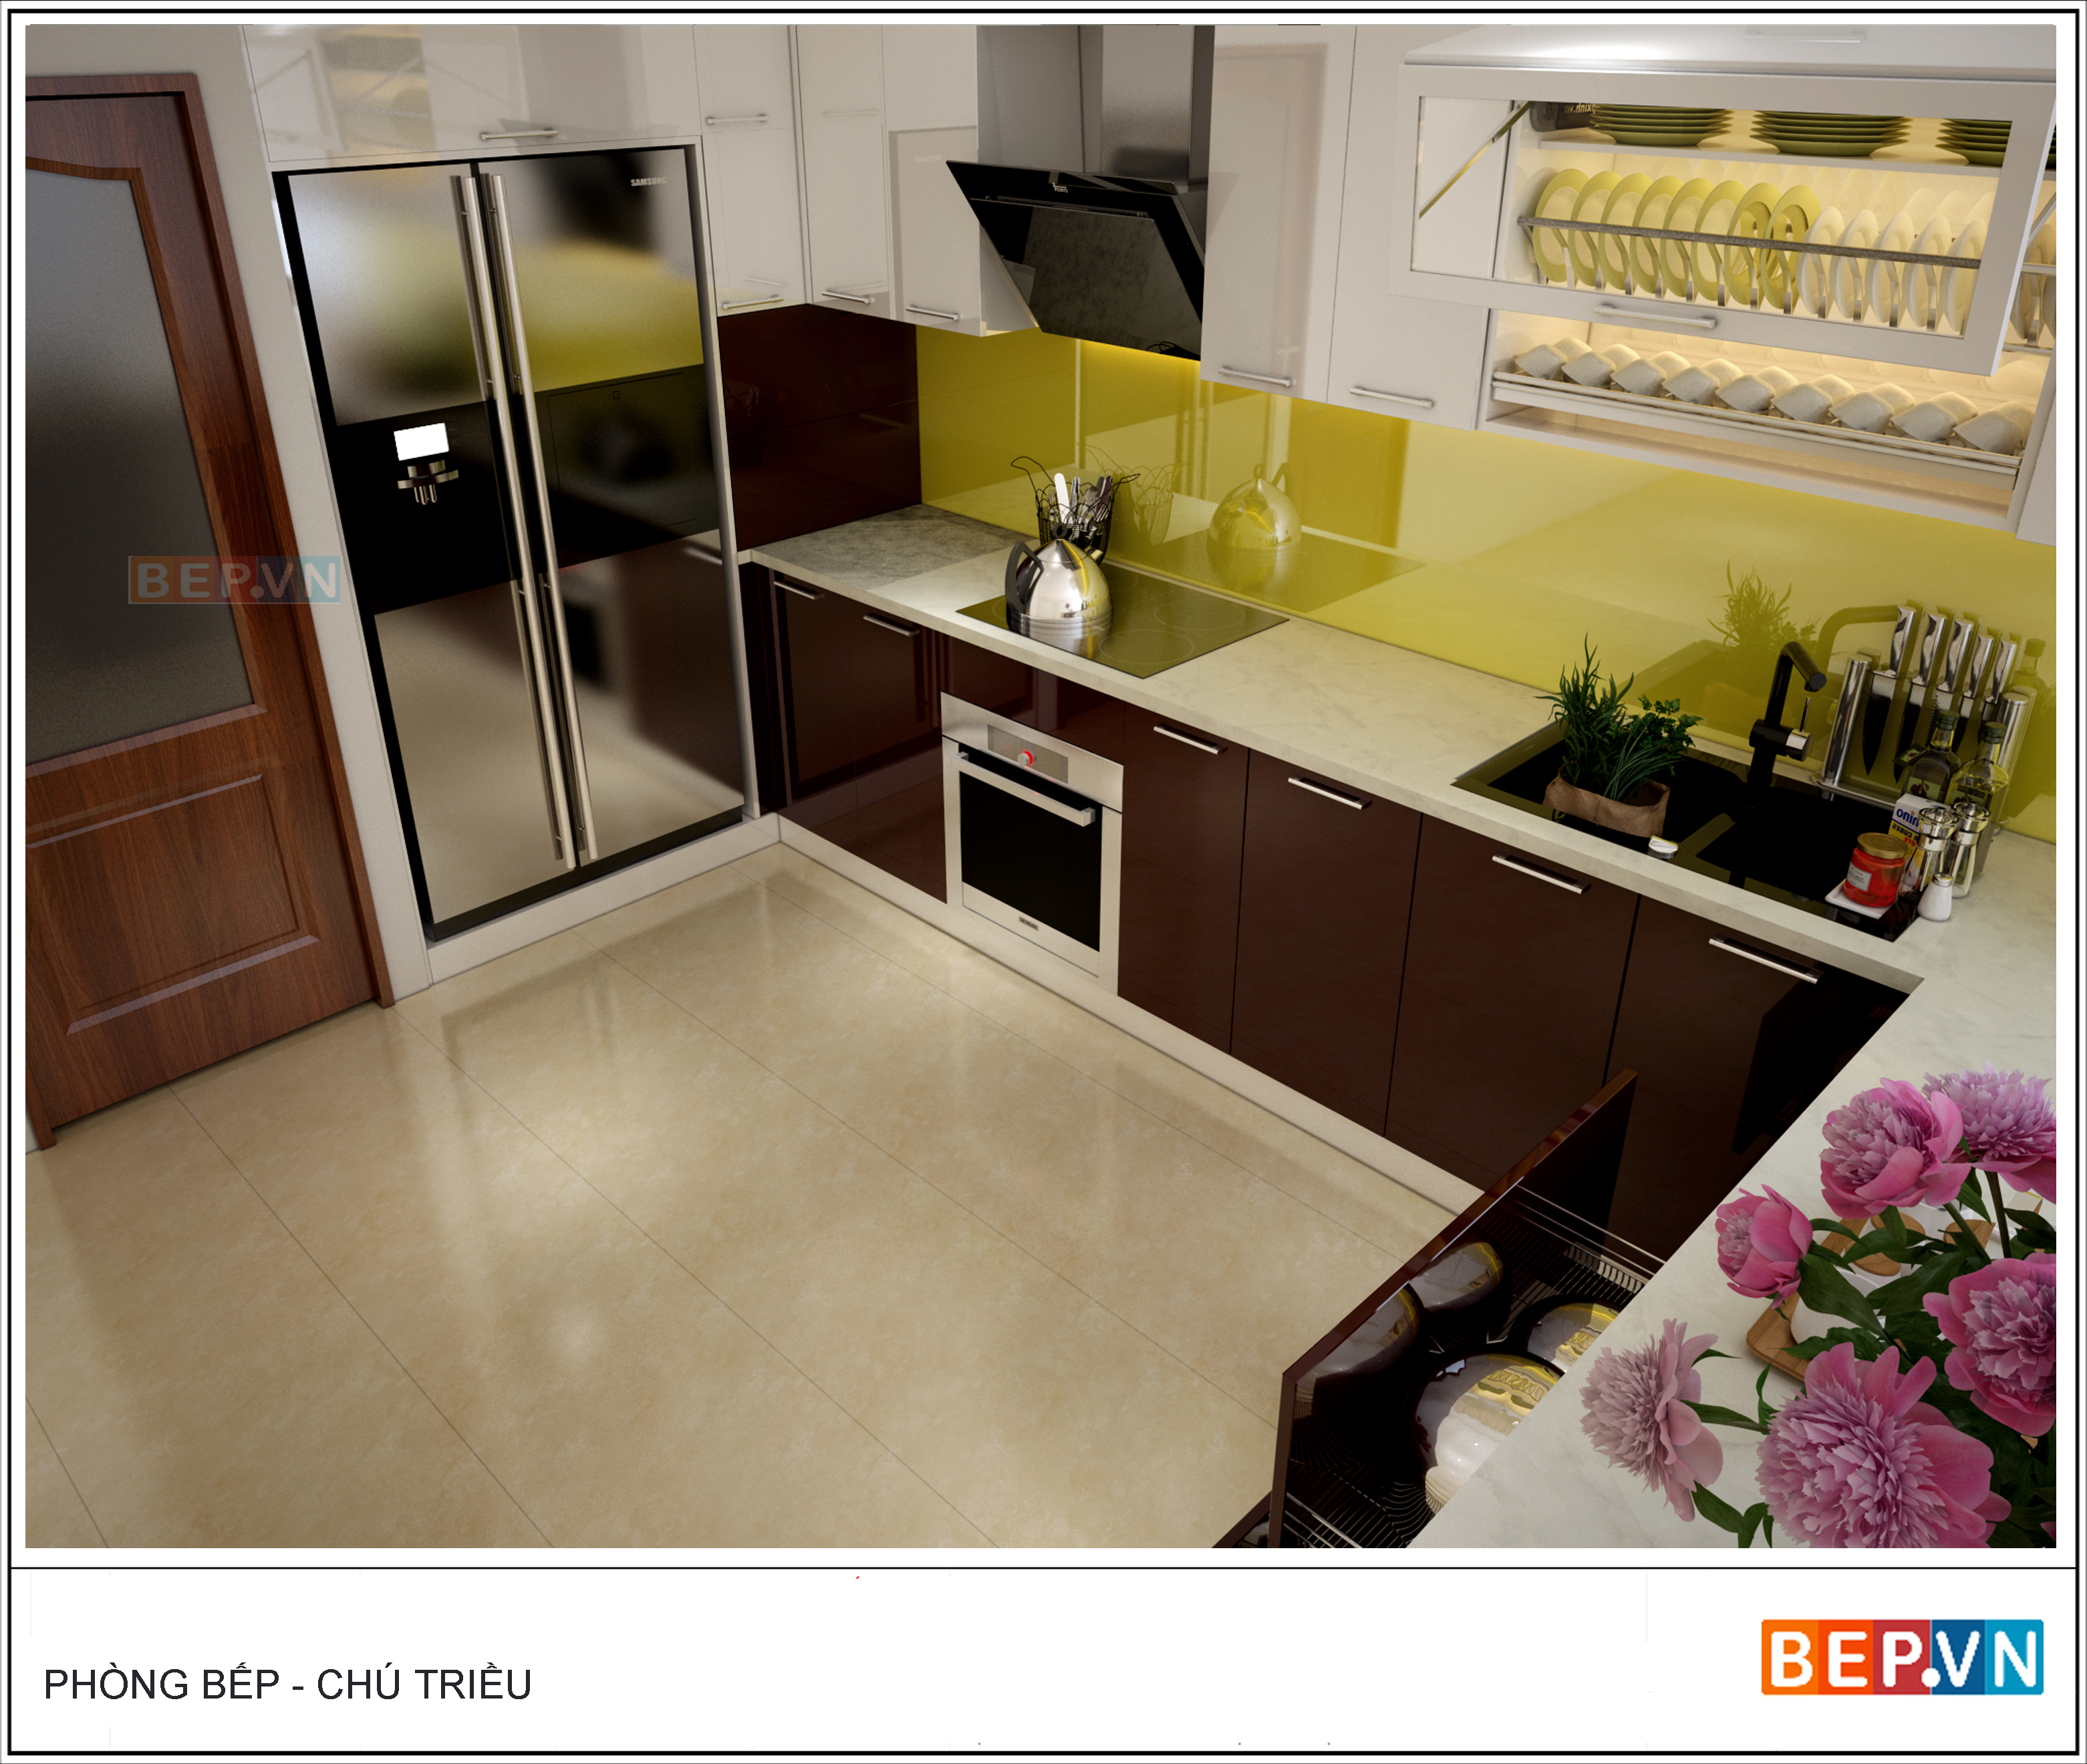 mẫu thiết kế tủ bếp nhỏ hẹp gia đình chú Triều